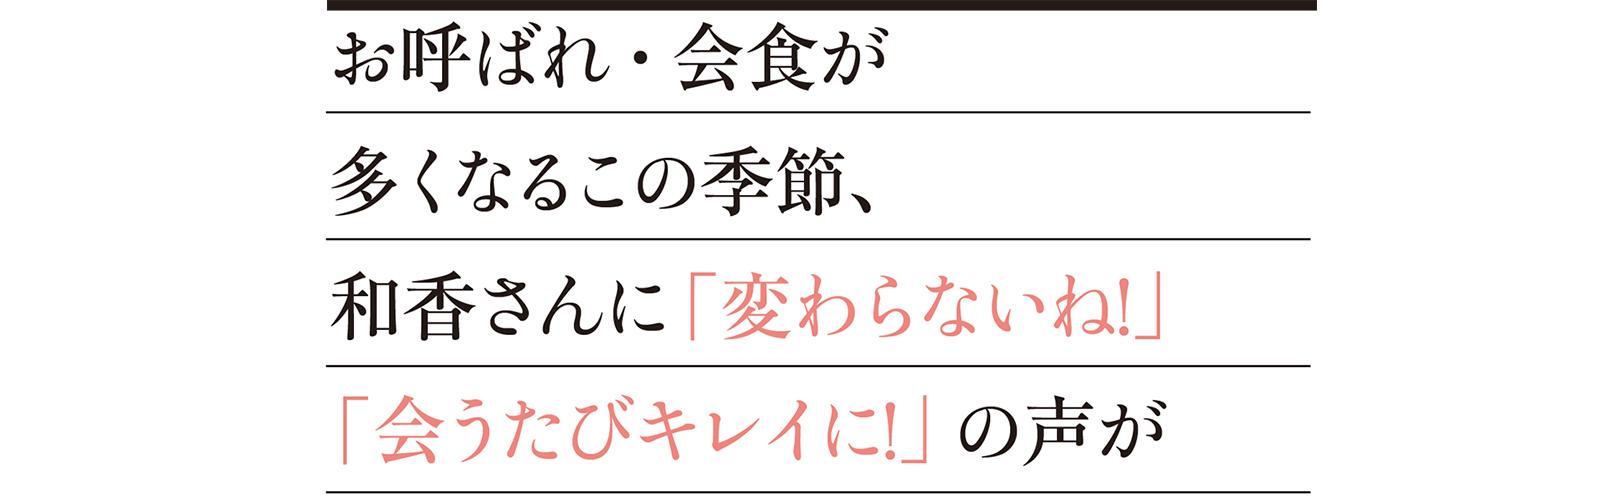 お呼ばれ・会食が多くなるこの季節、和香さんに「変わらないね!」「会うたびキレイに!」の声が